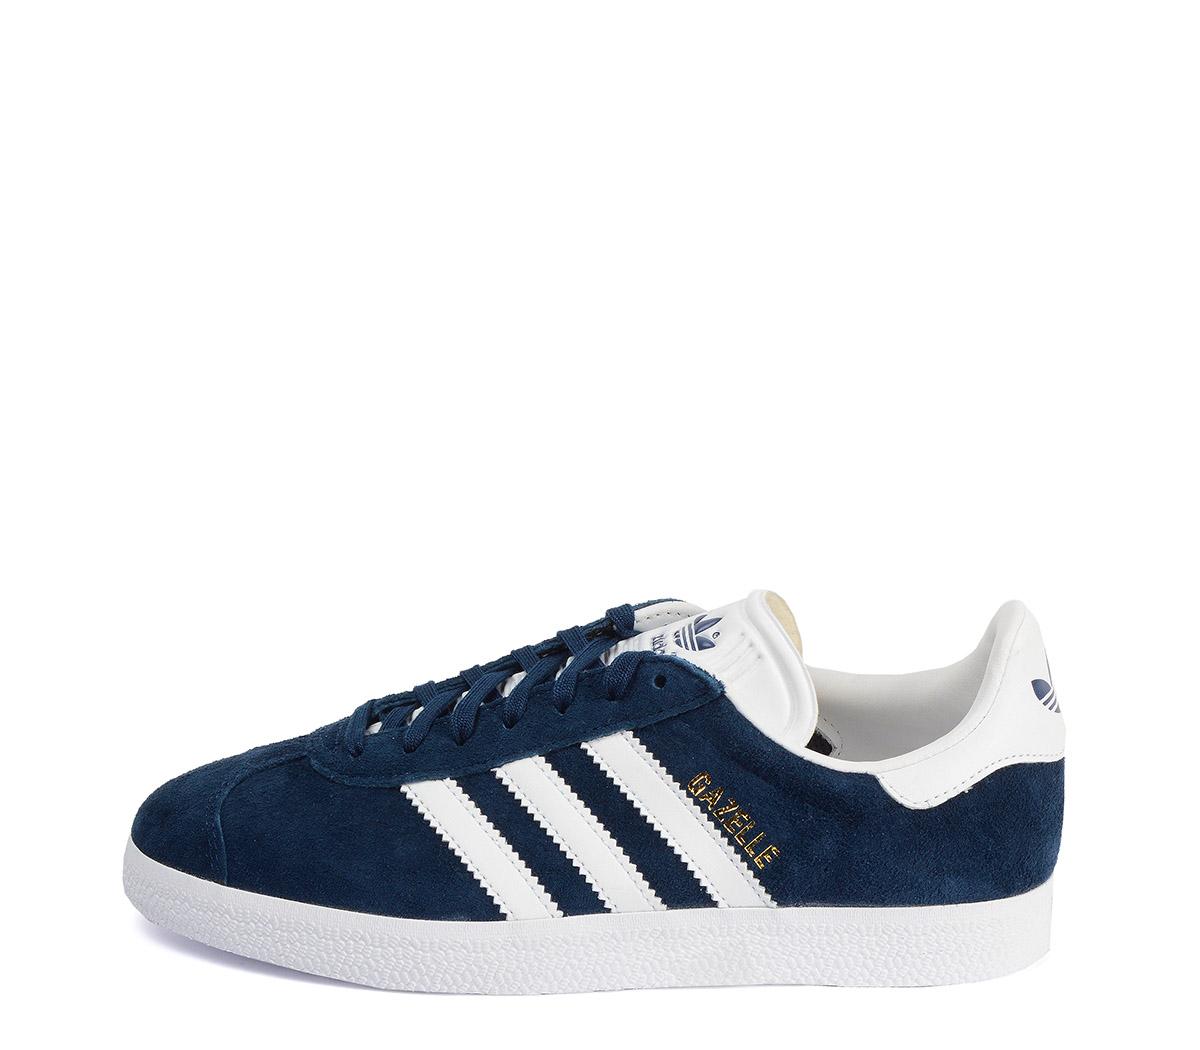 Ref: 3801 Adidas Gazelle serraje azul marino. Con detalles en piel blanca. Cordones al tono y blancos de repuesto.